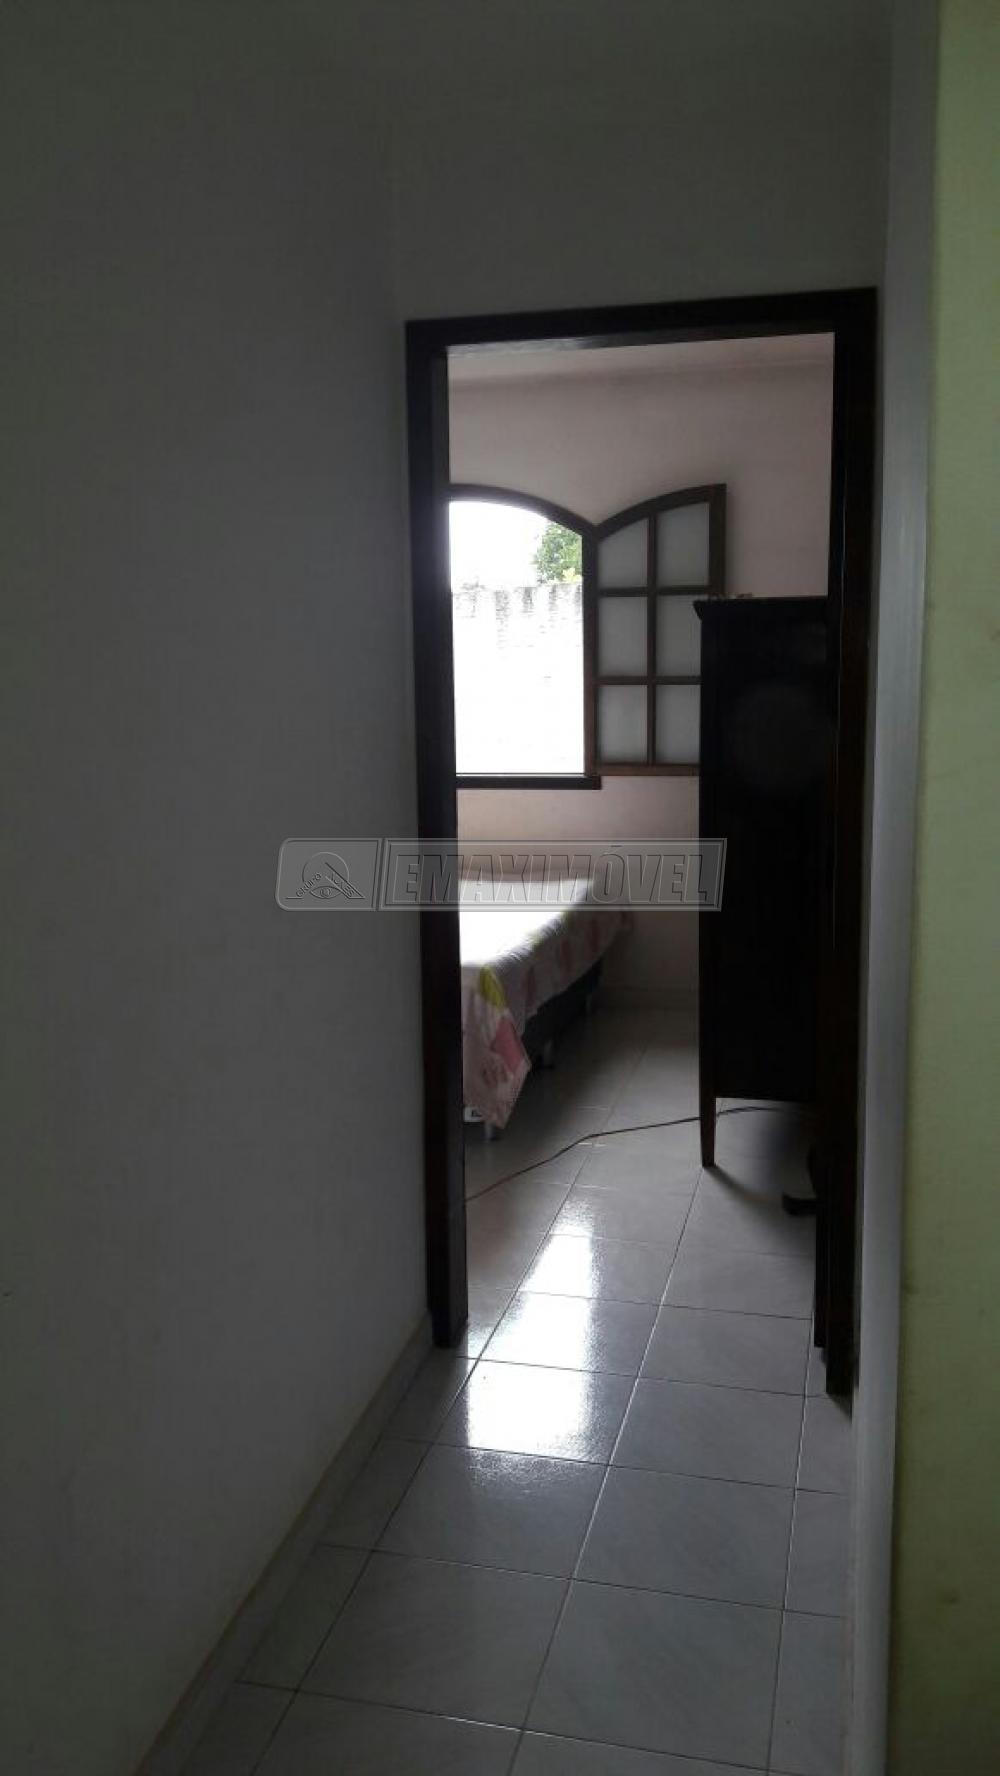 Comprar Casas / em Bairros em Araçoiaba da Serra apenas R$ 260.000,00 - Foto 10